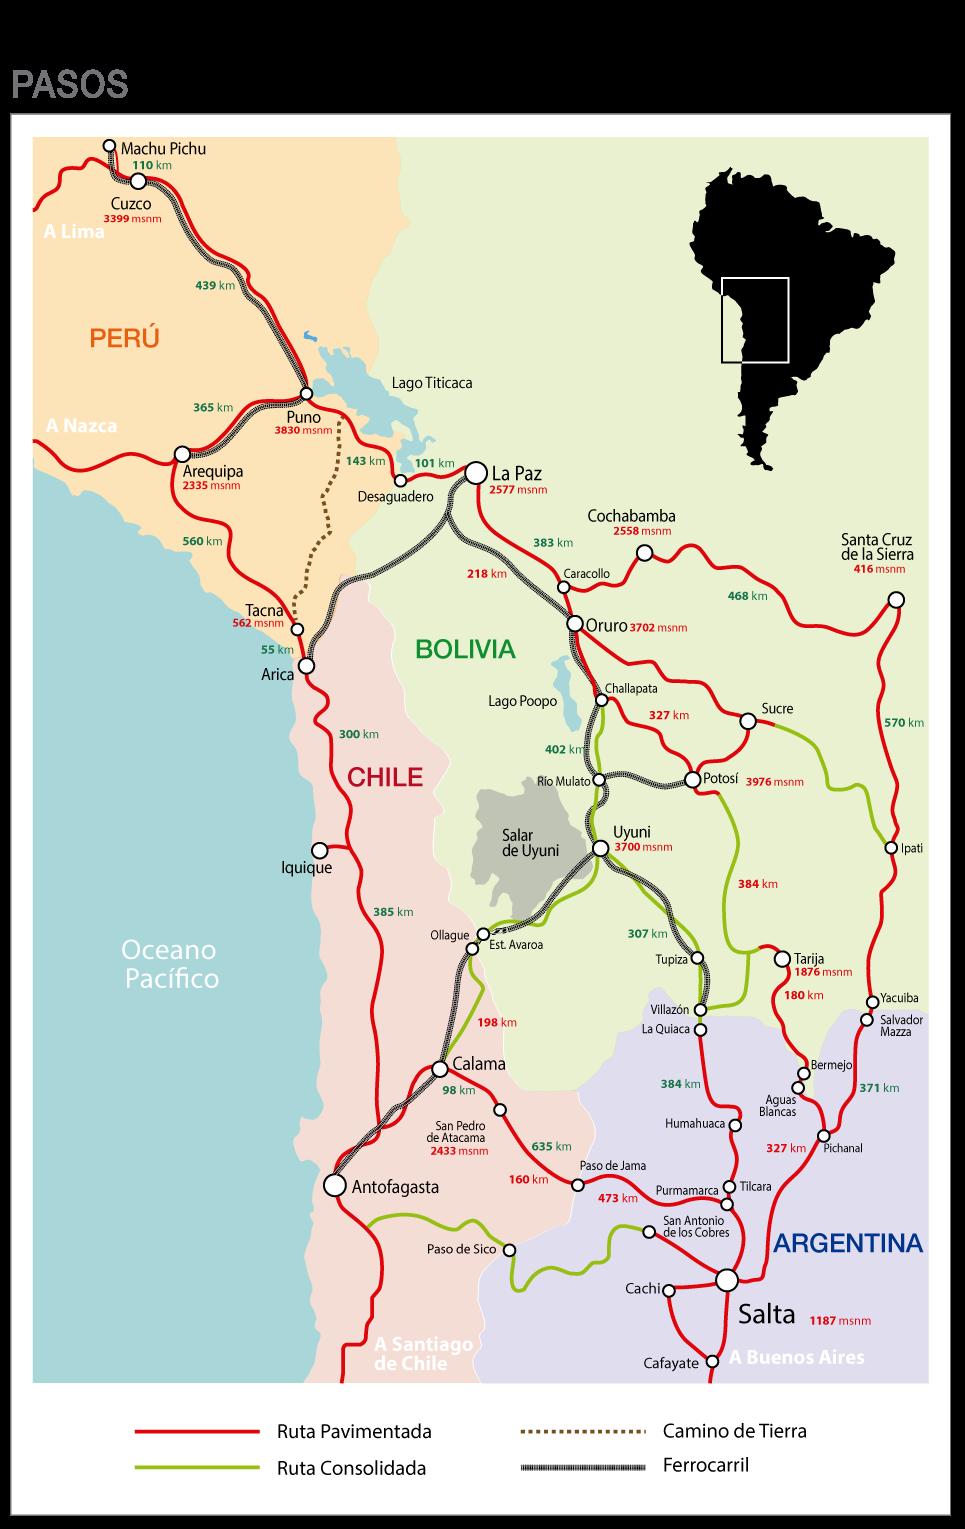 Mapa de área de influencia